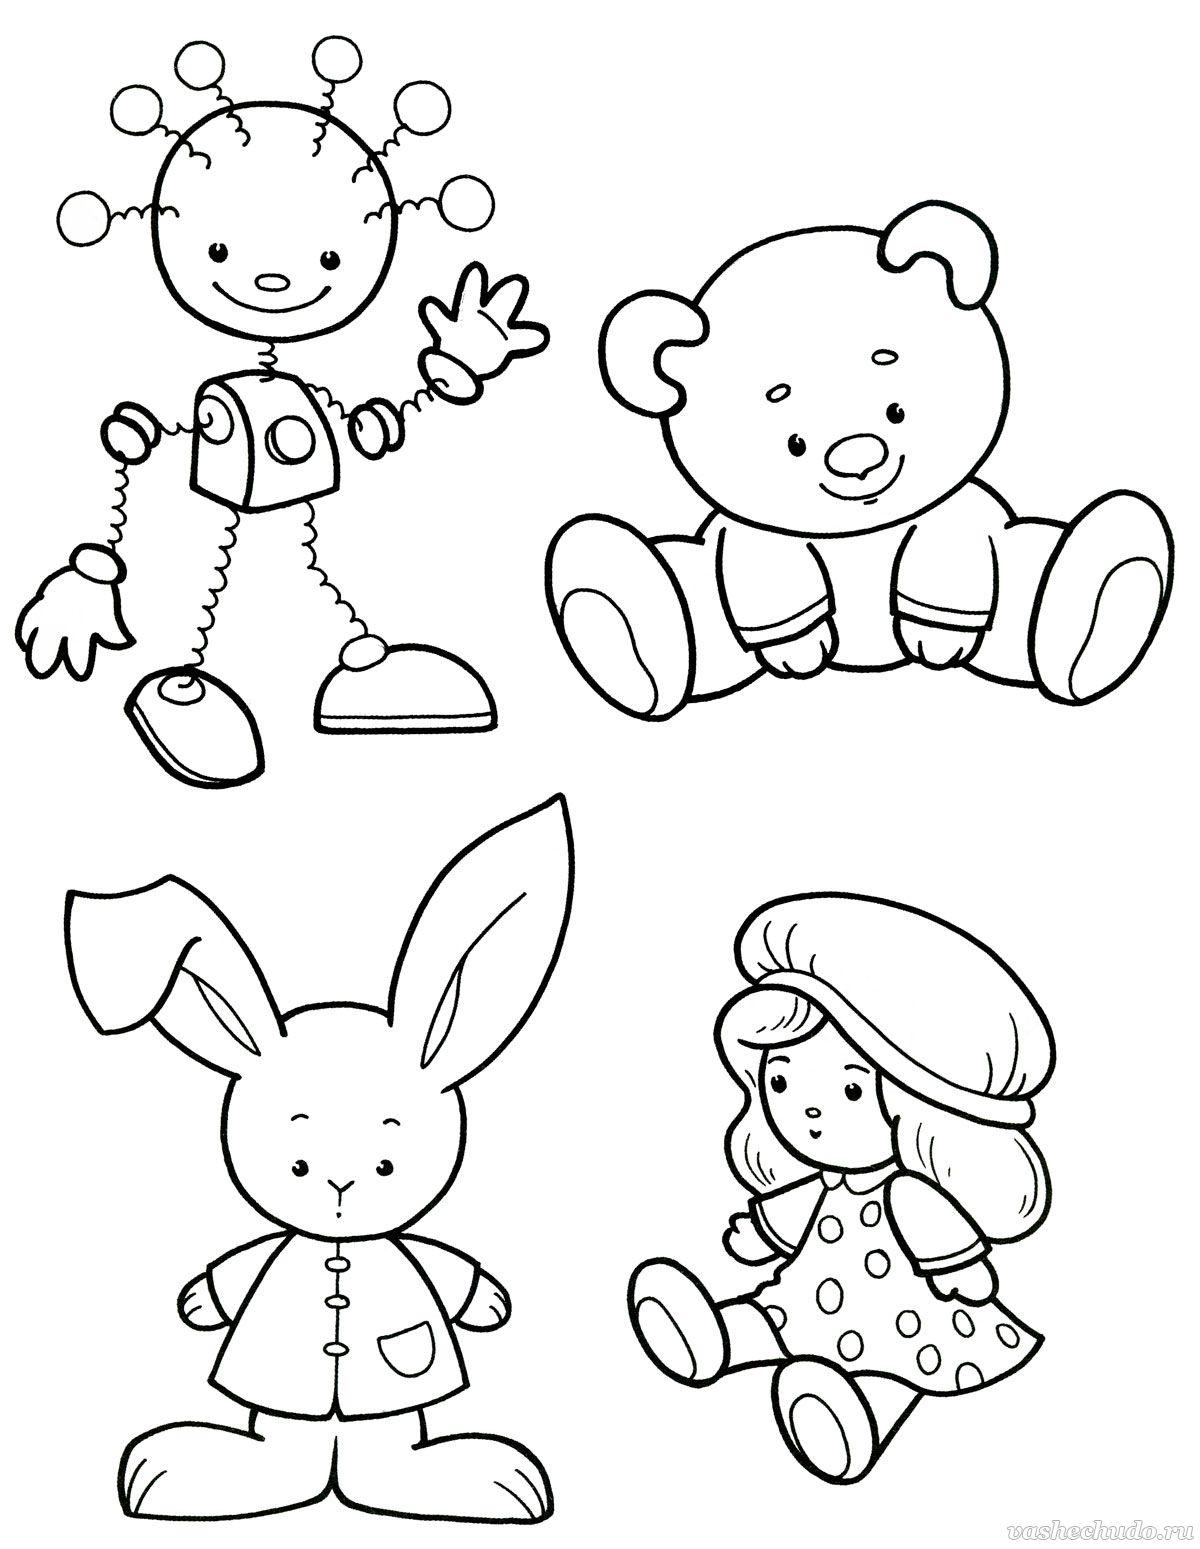 Раскраска для детей. Игрушки